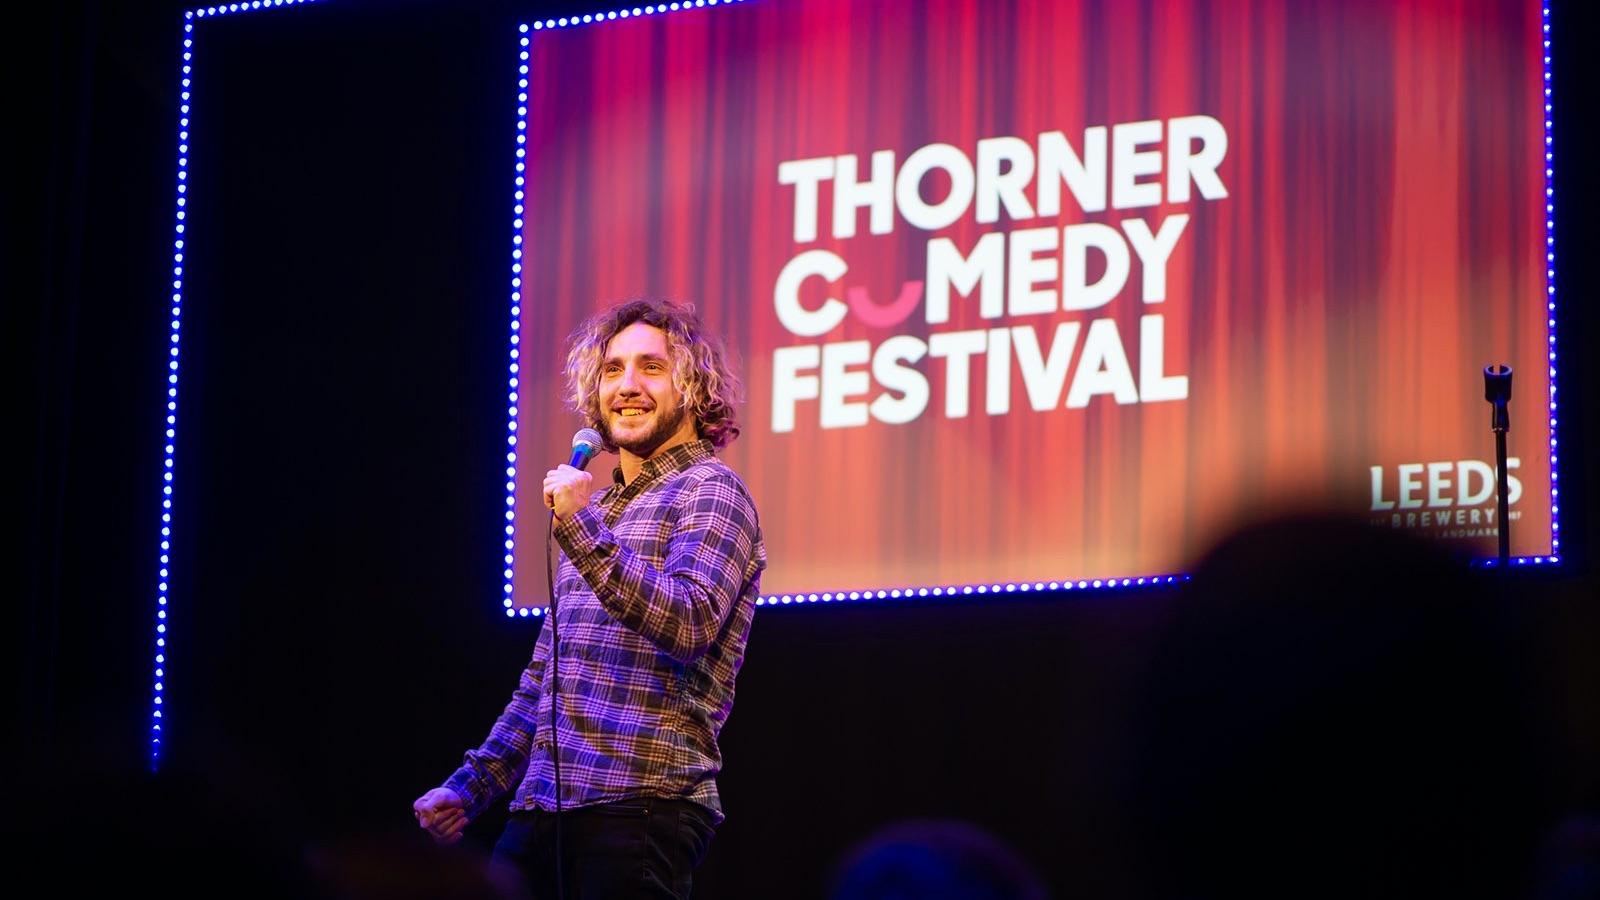 Thorner Comedy Festival Branding – Design by Neil Holroyd Leeds based freelance designer